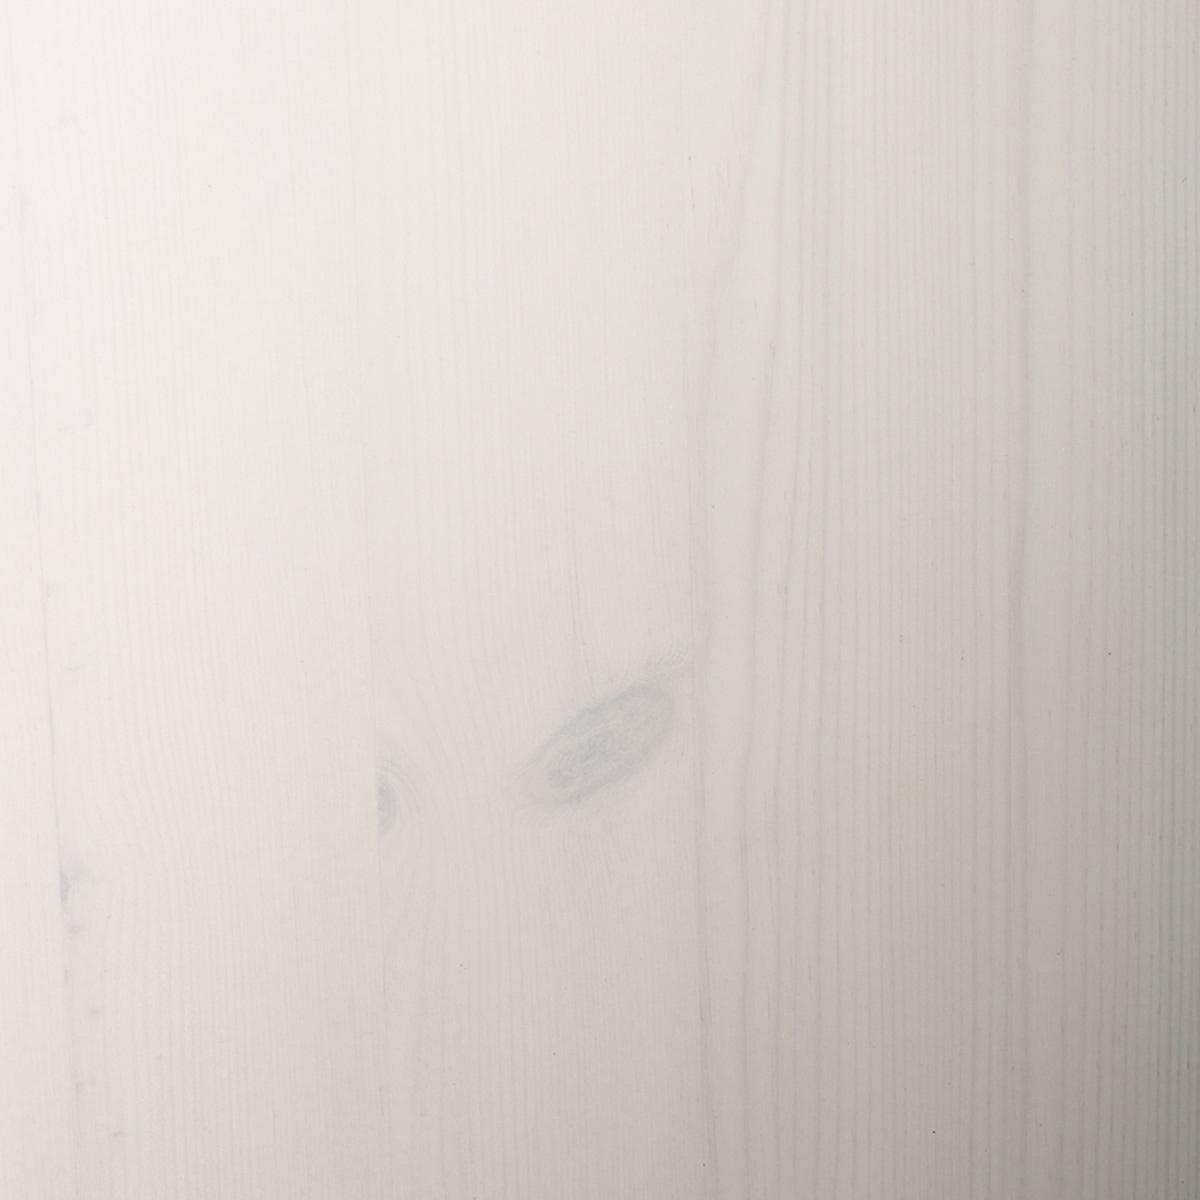 Anja TV-reol hvidpigmenteret fyrretræ - TV-reol med skuffer og hylder